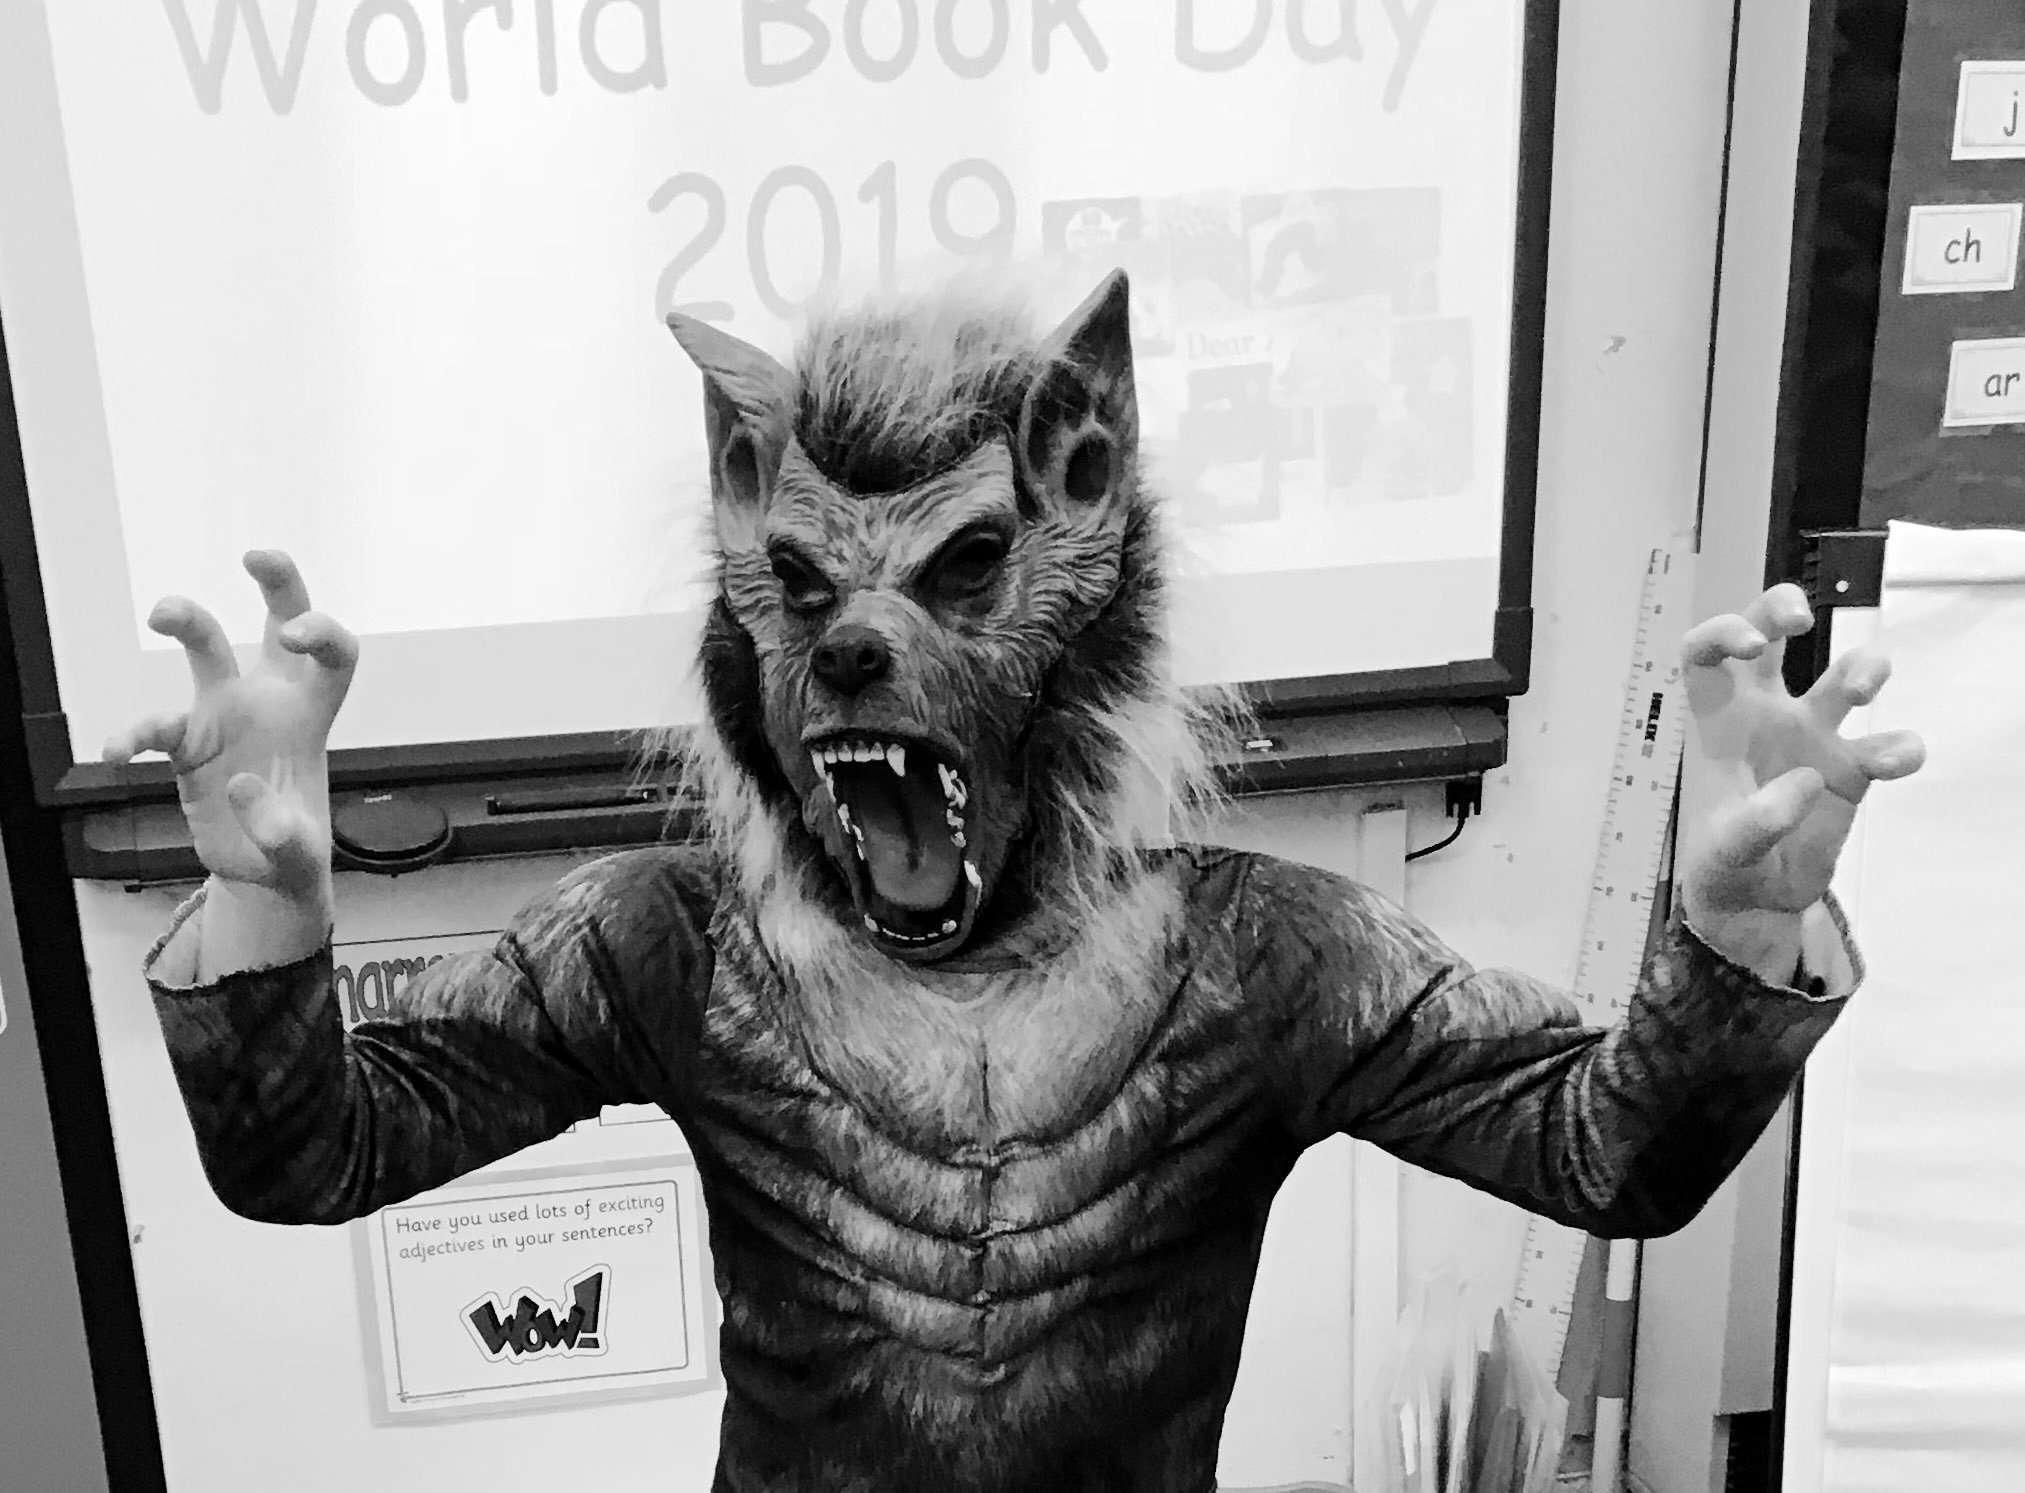 Year 2 – World Book Day 2019